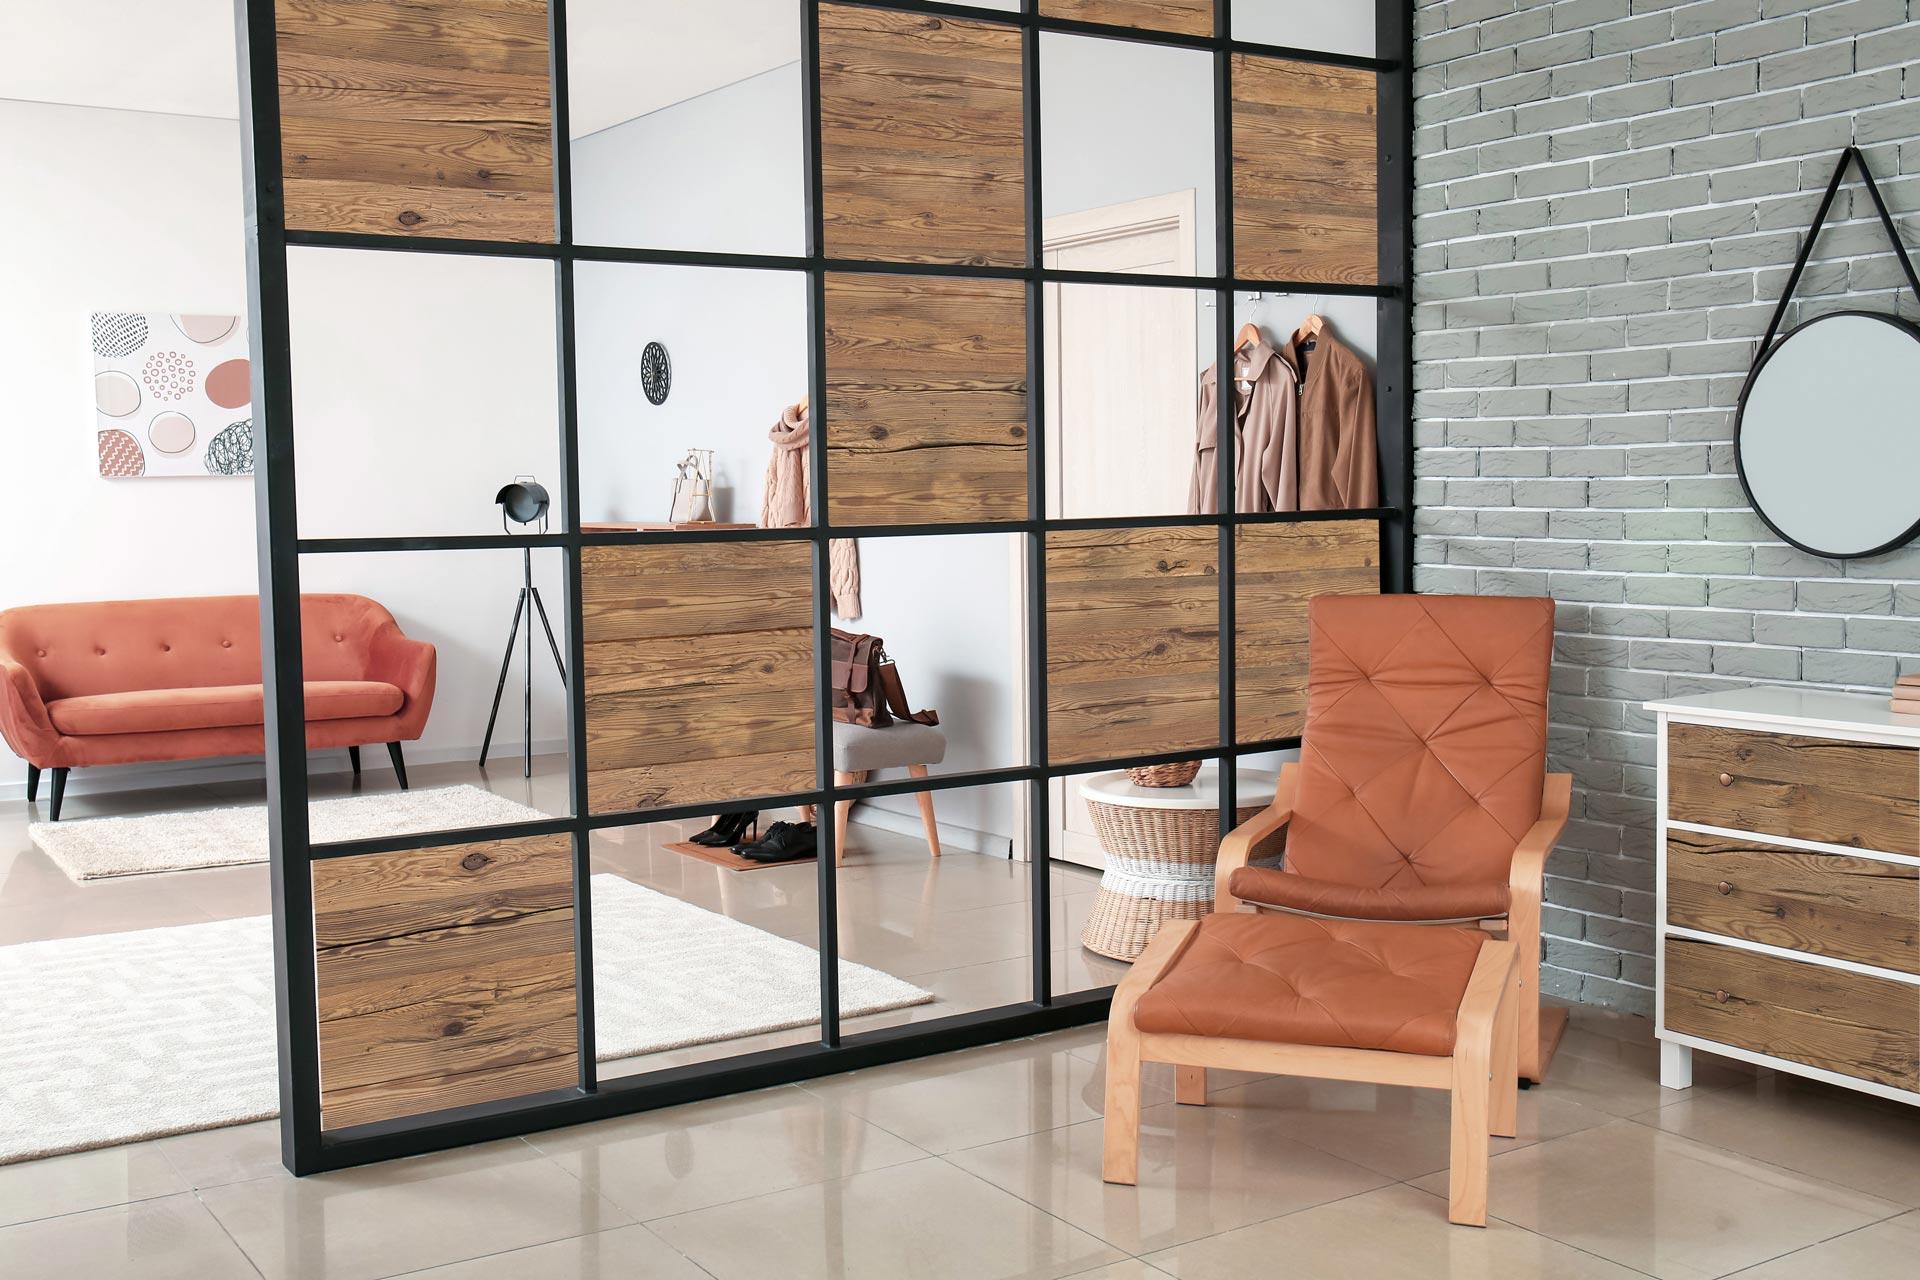 Selbstklebendes Holzfurnier für Möbel, Glas oder Wand